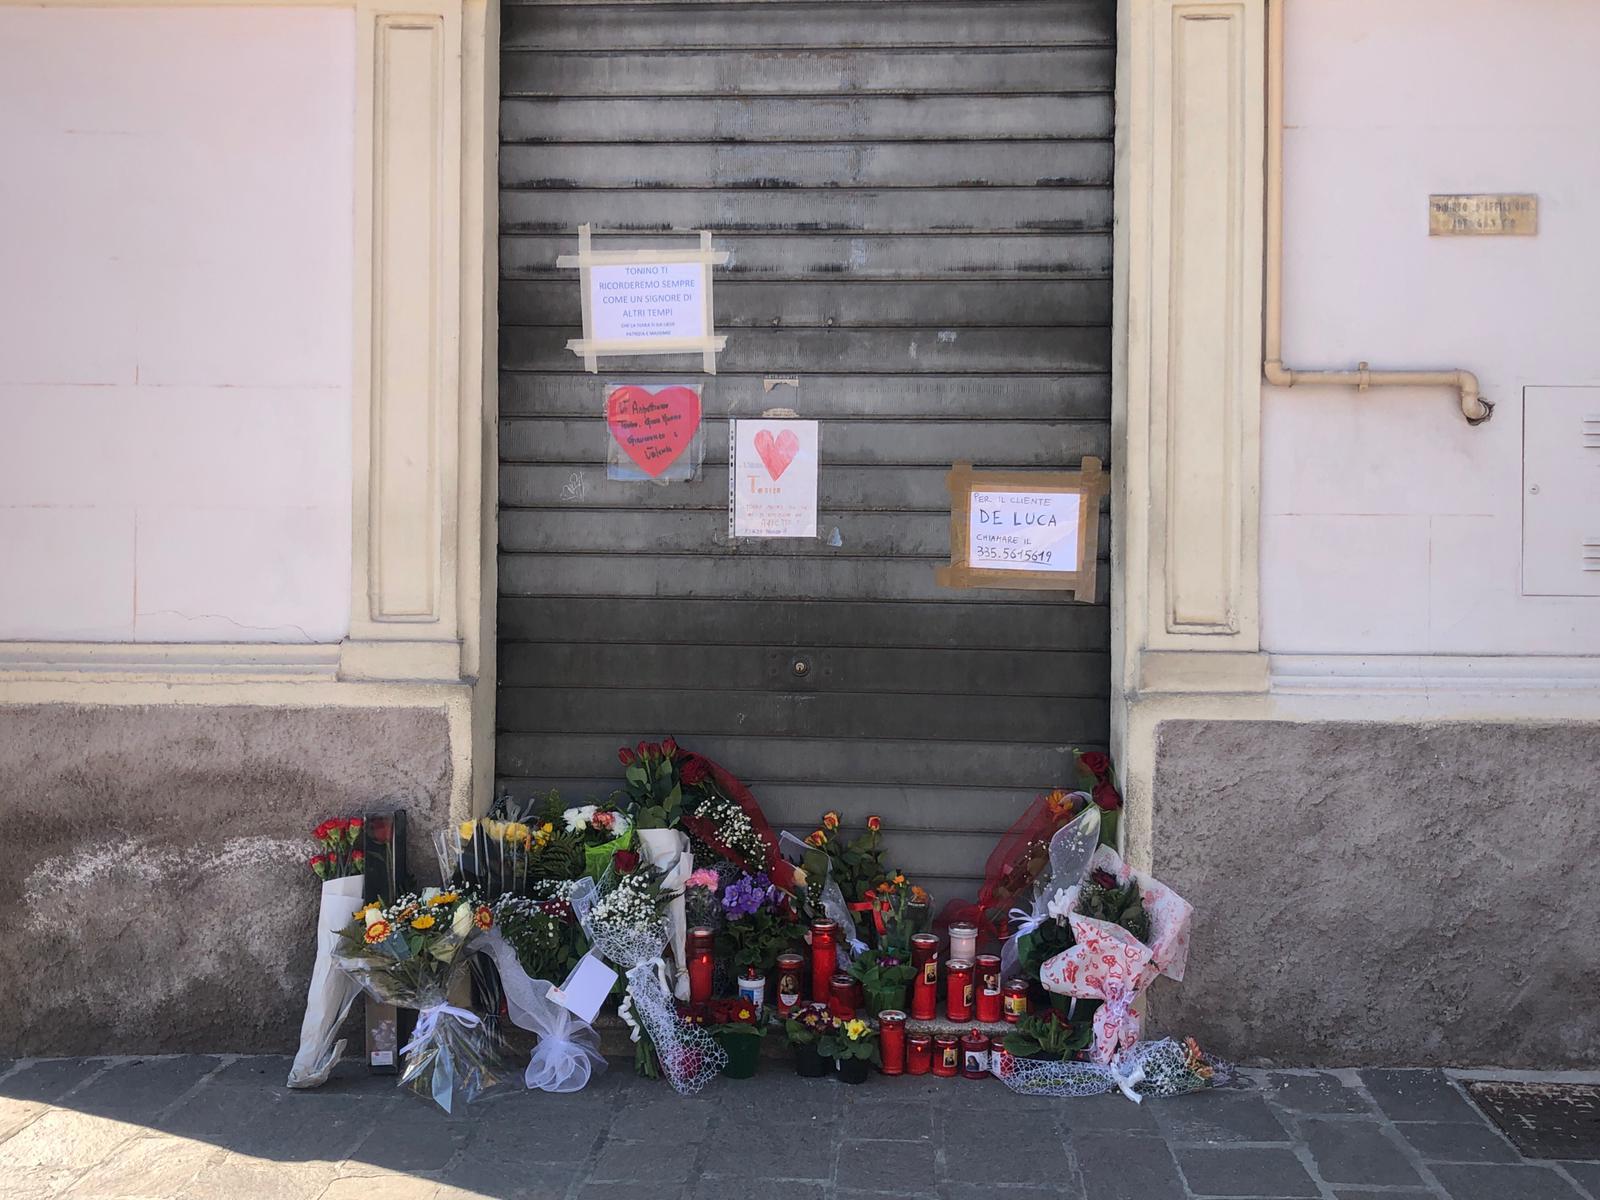 Messaggi di cordoglio e vicinanza alle famiglie di Gian Mauro, Tonino, Valeria e Gianmarco